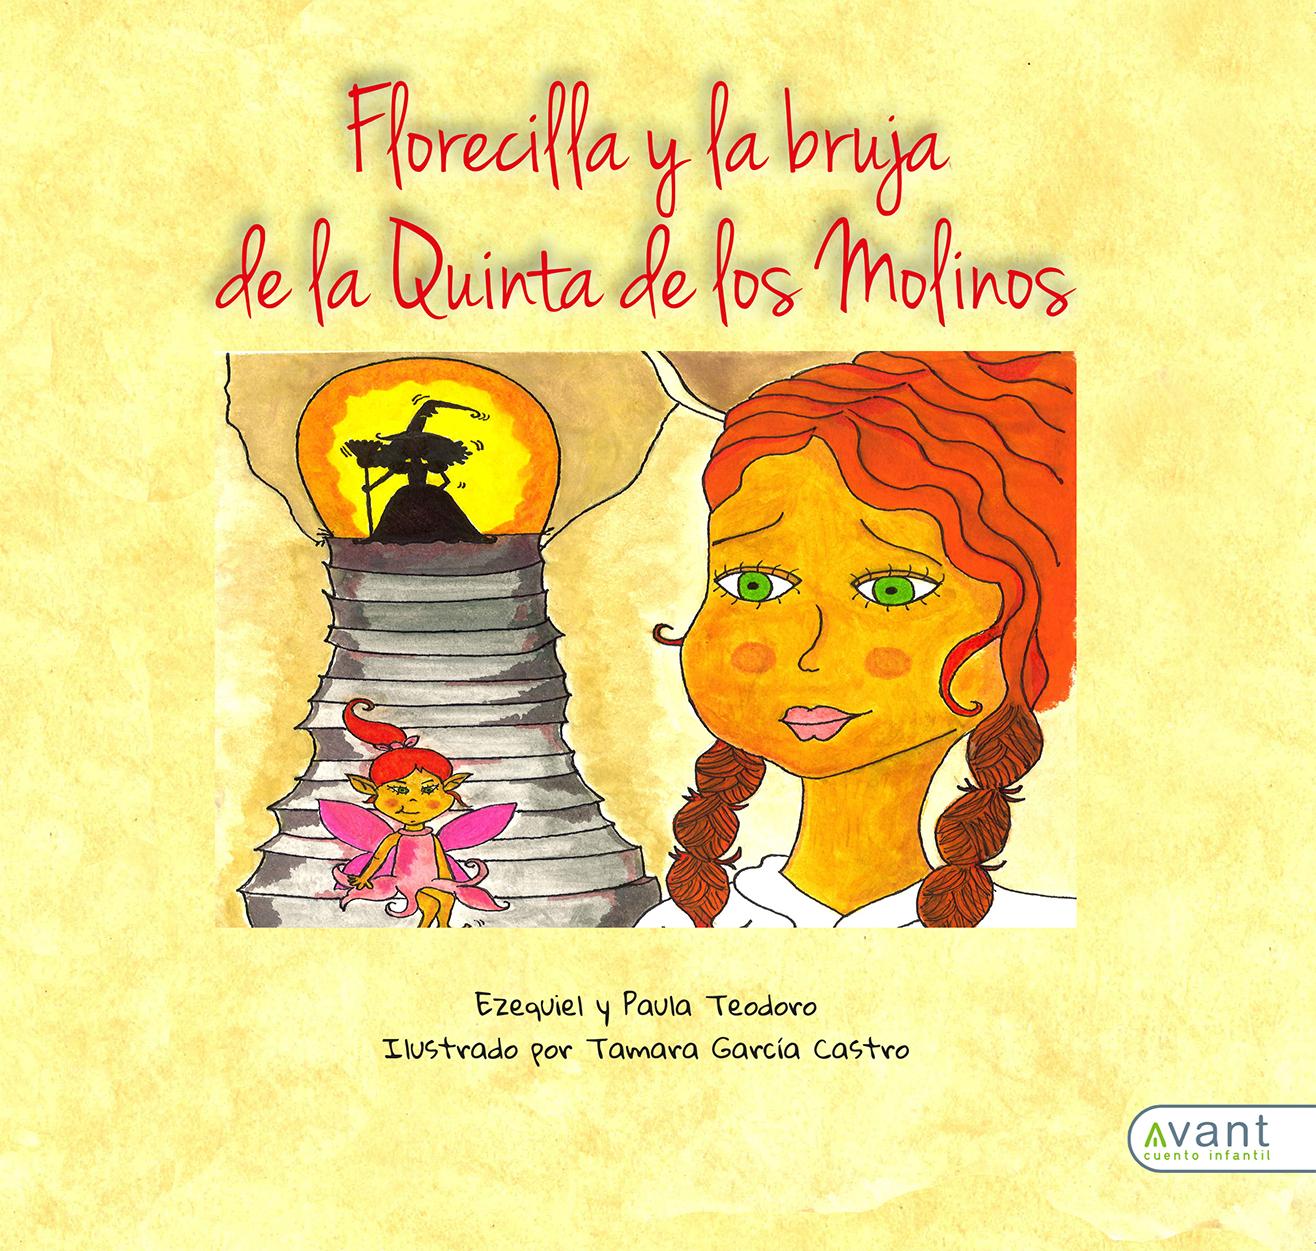 Florecilla y la bruja de la Quinta de los Molinos